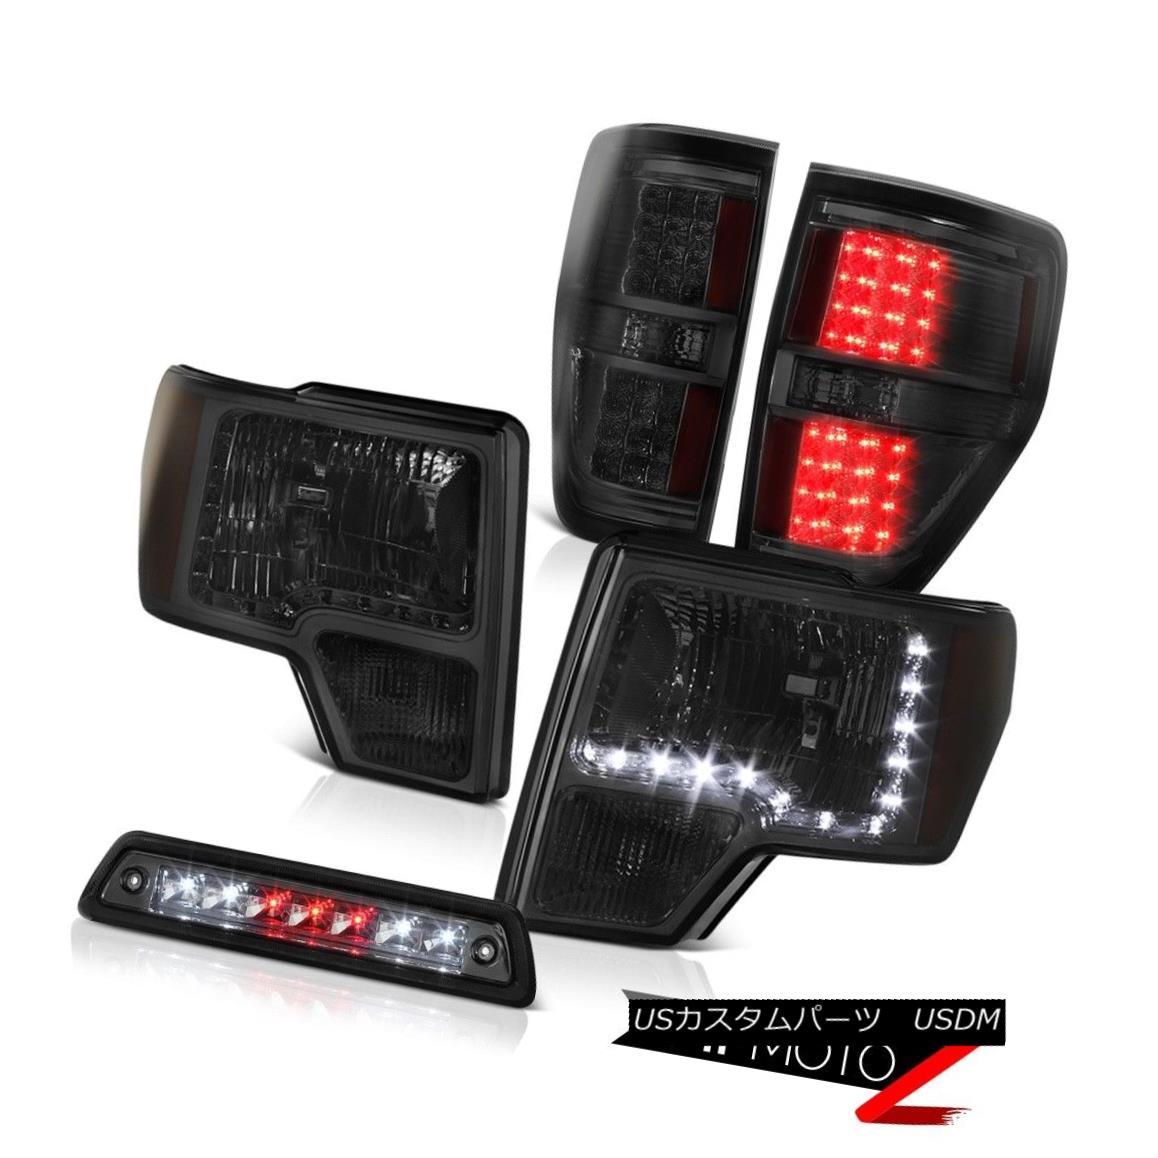 ヘッドライト 09-14 F150 FX2 3rd brake light parking lights headlamps led DRL